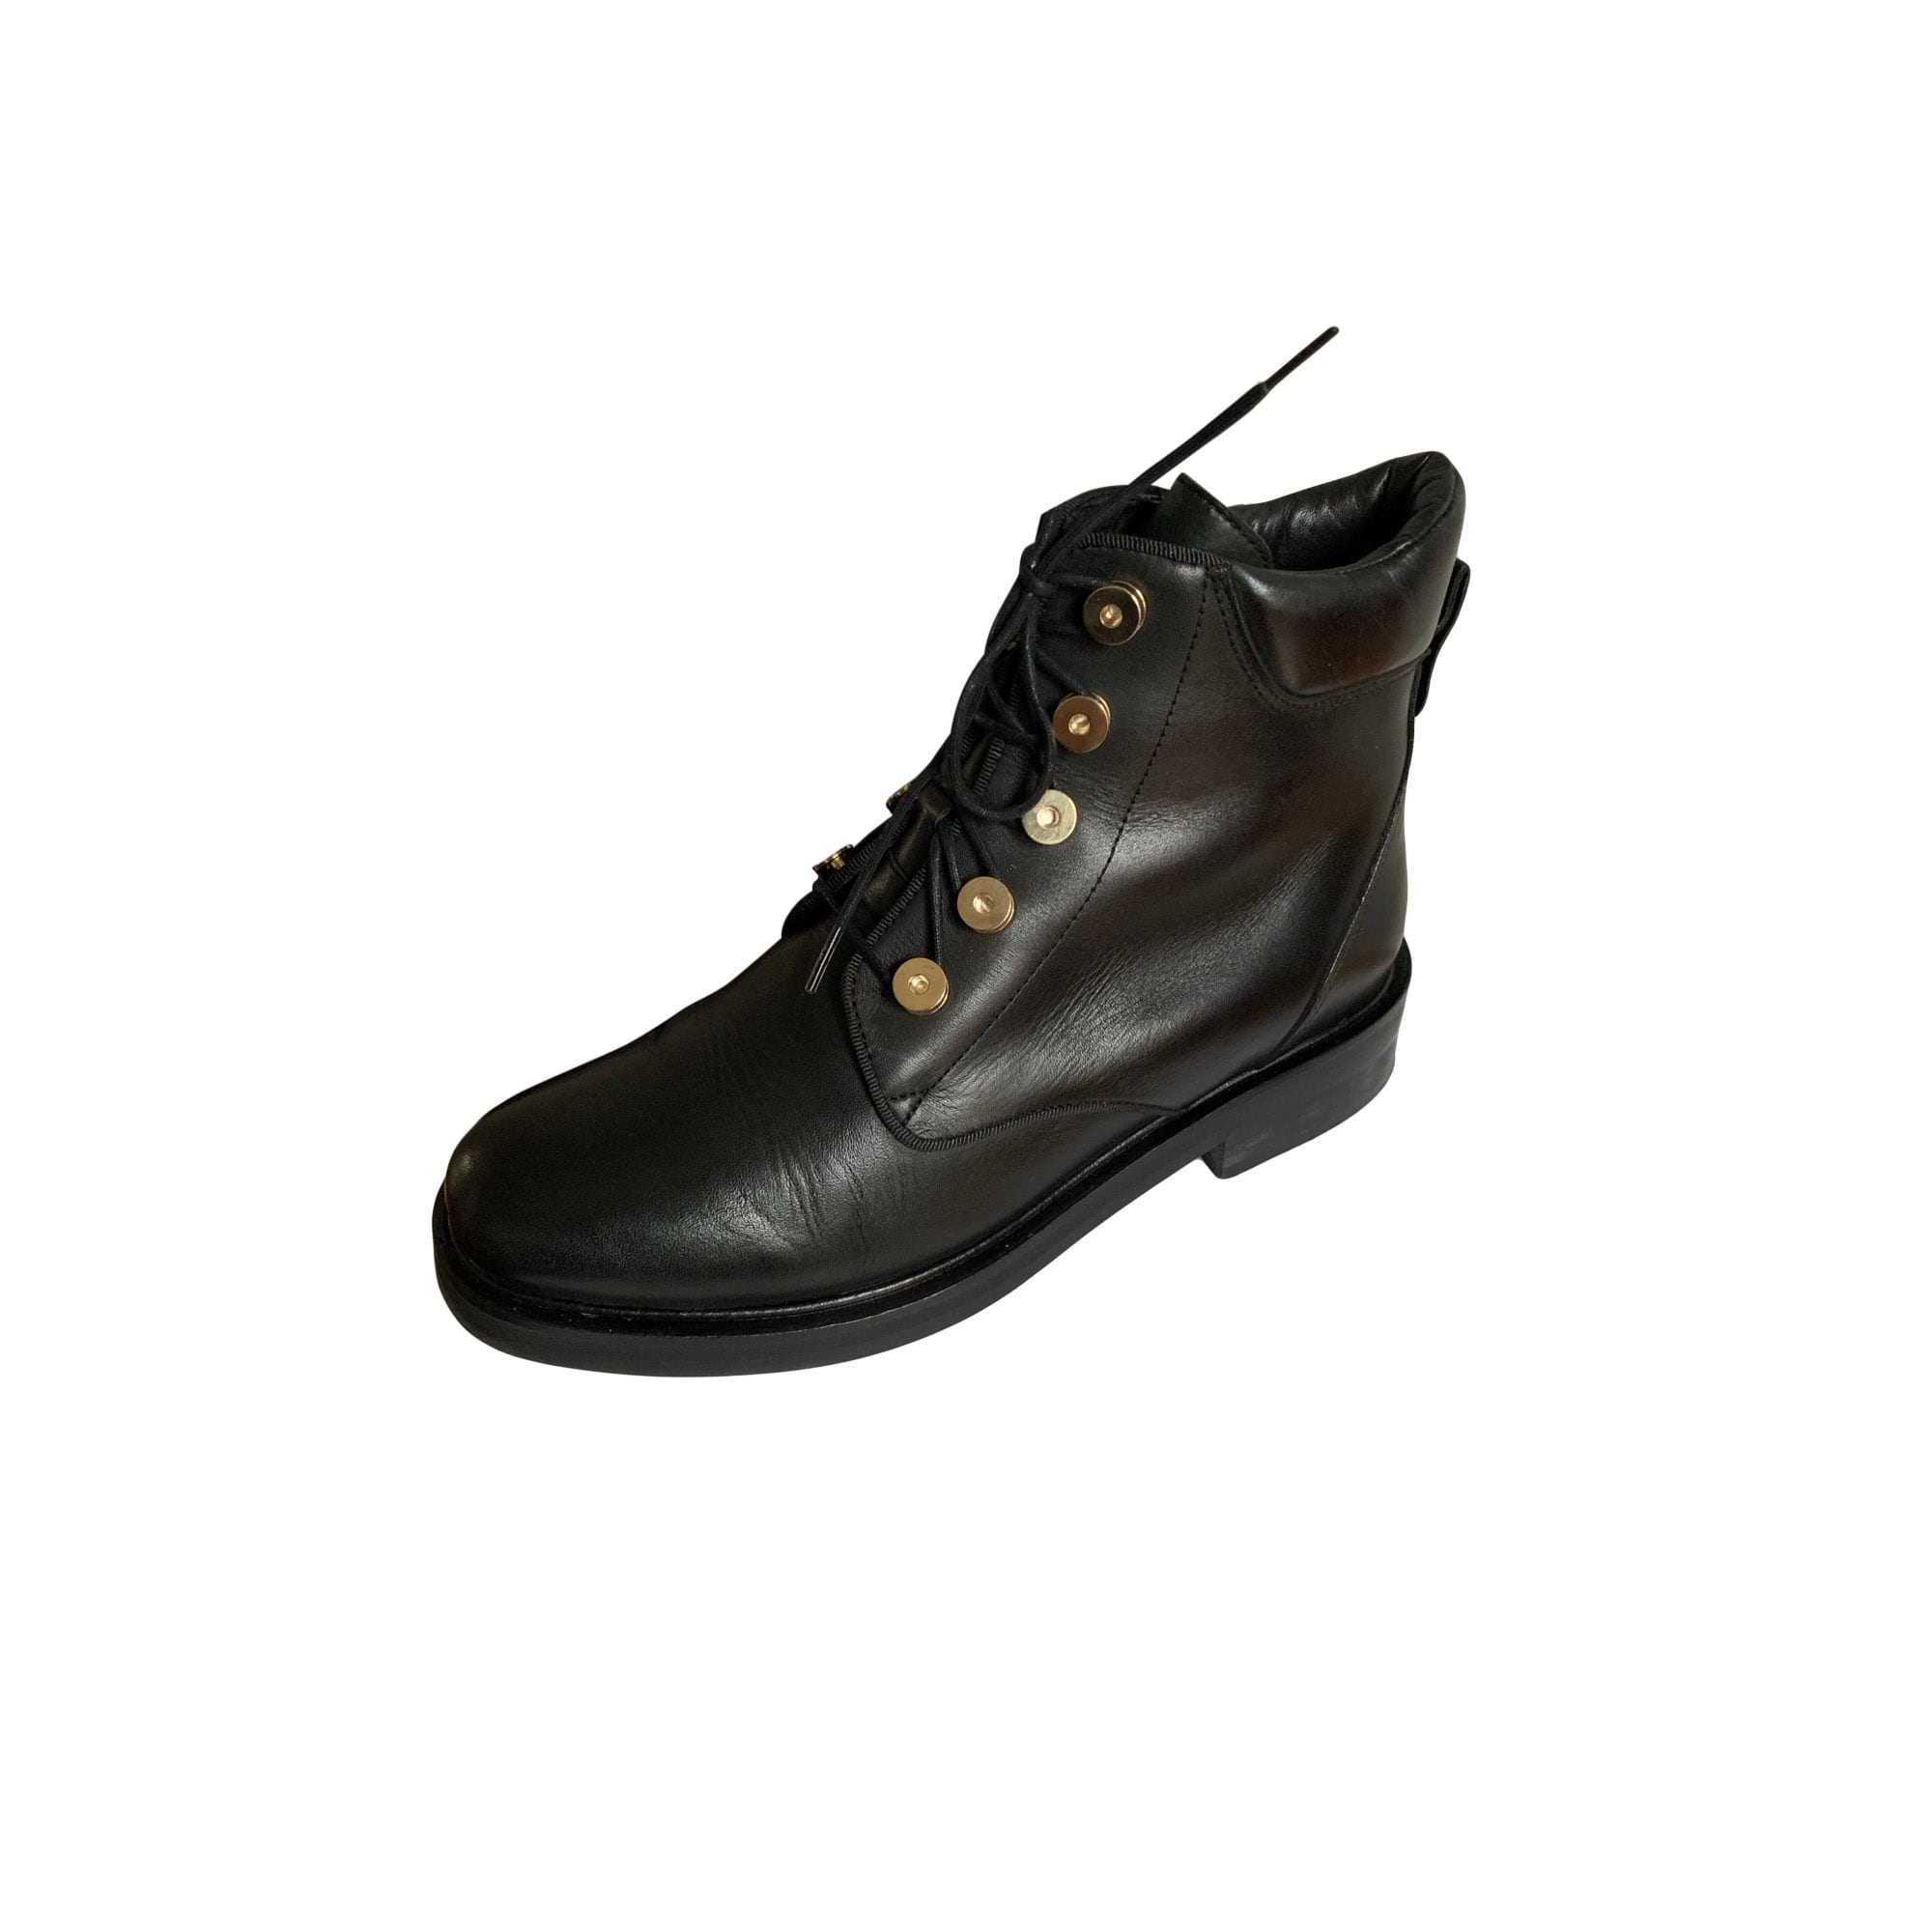 baskets pour pas cher 26b75 c27ea Bottines & low boots plates